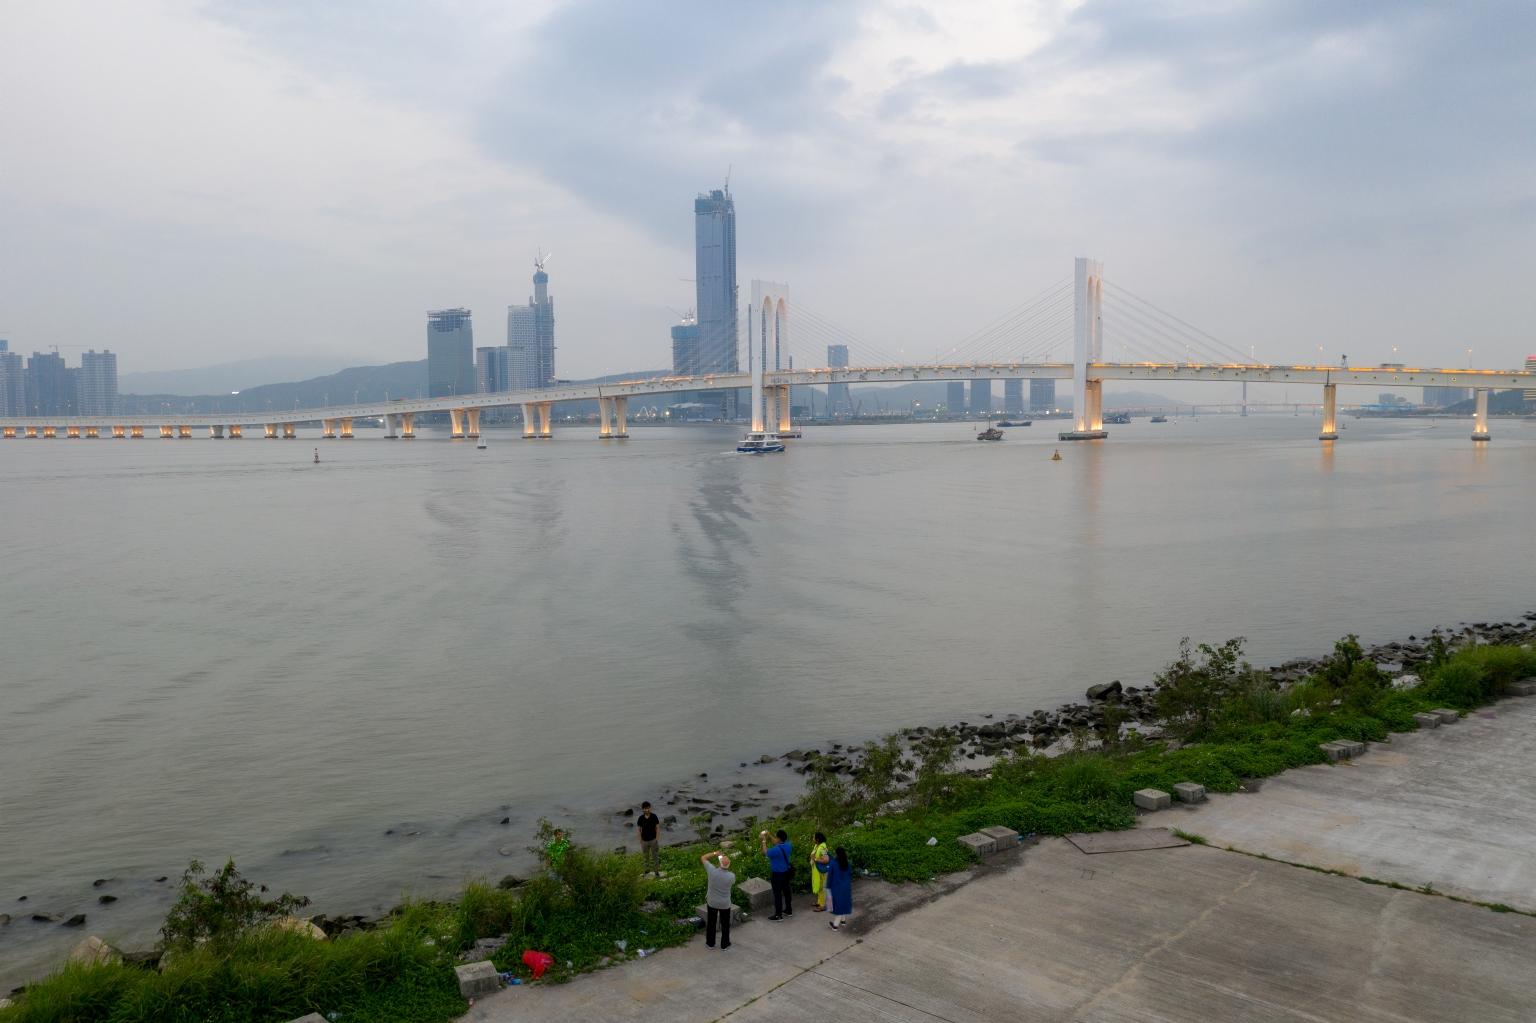 西灣大橋及遠處的橫琴